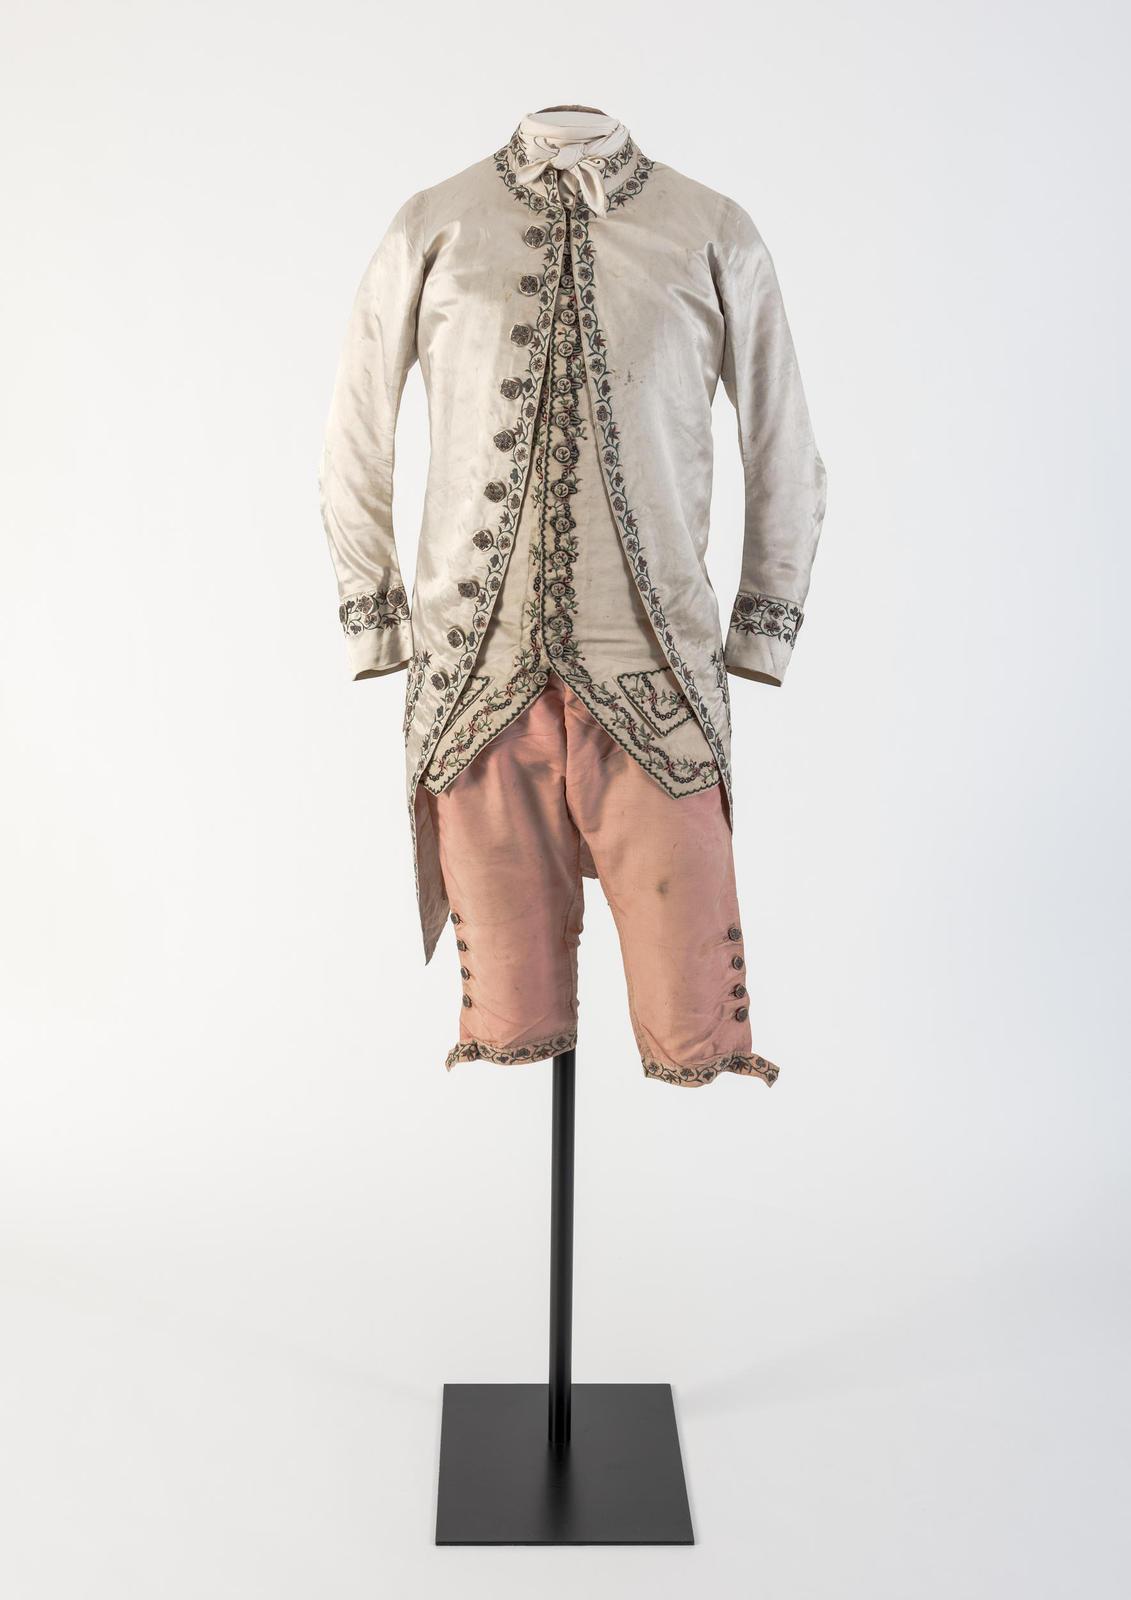 HFx100 ID 21 1780s Fashion Museum Bath